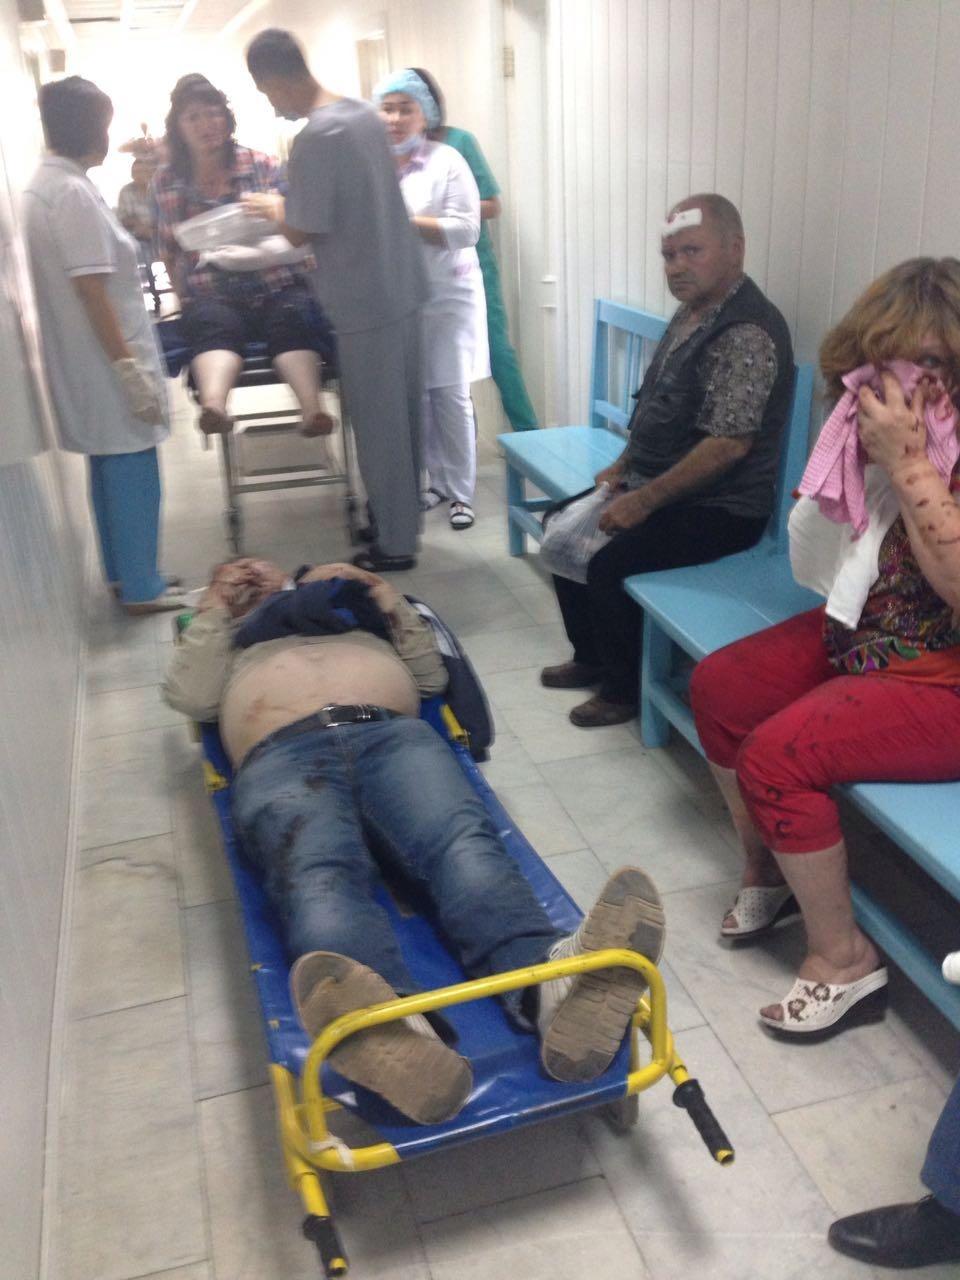 Двое пострадавших находятся в тяжёлом состоянии